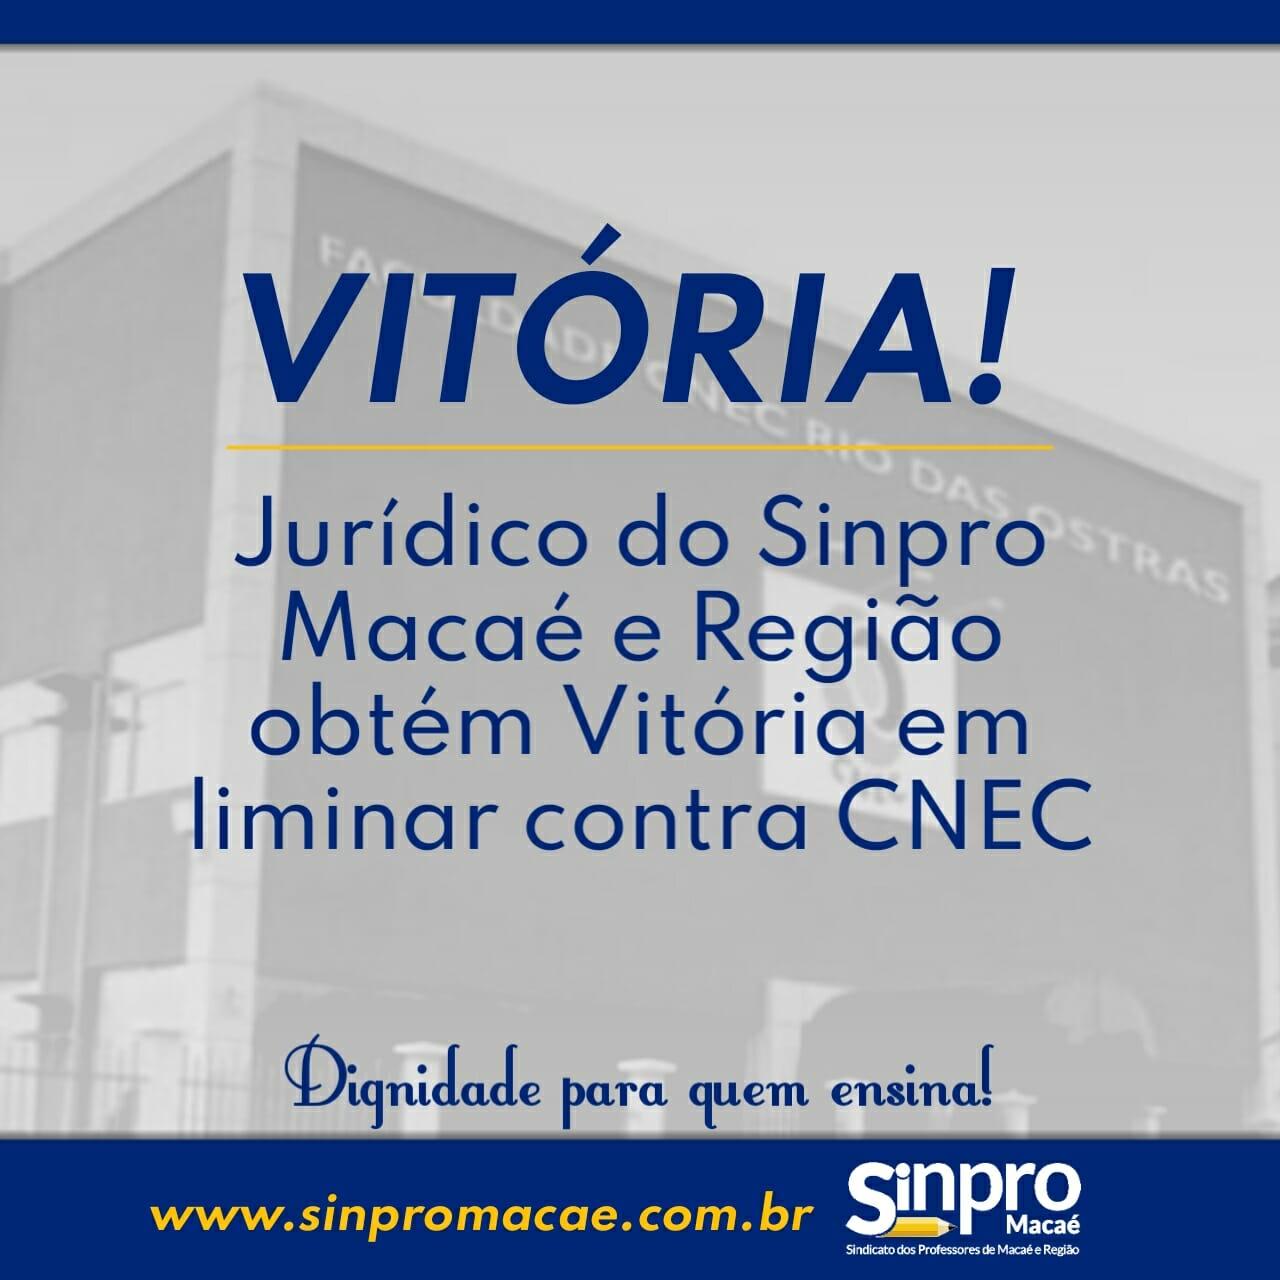 Vitória dos trabalhadores! Jurídico do Sinpro Macaé e Região obtém vitória em liminar contra CNEC!